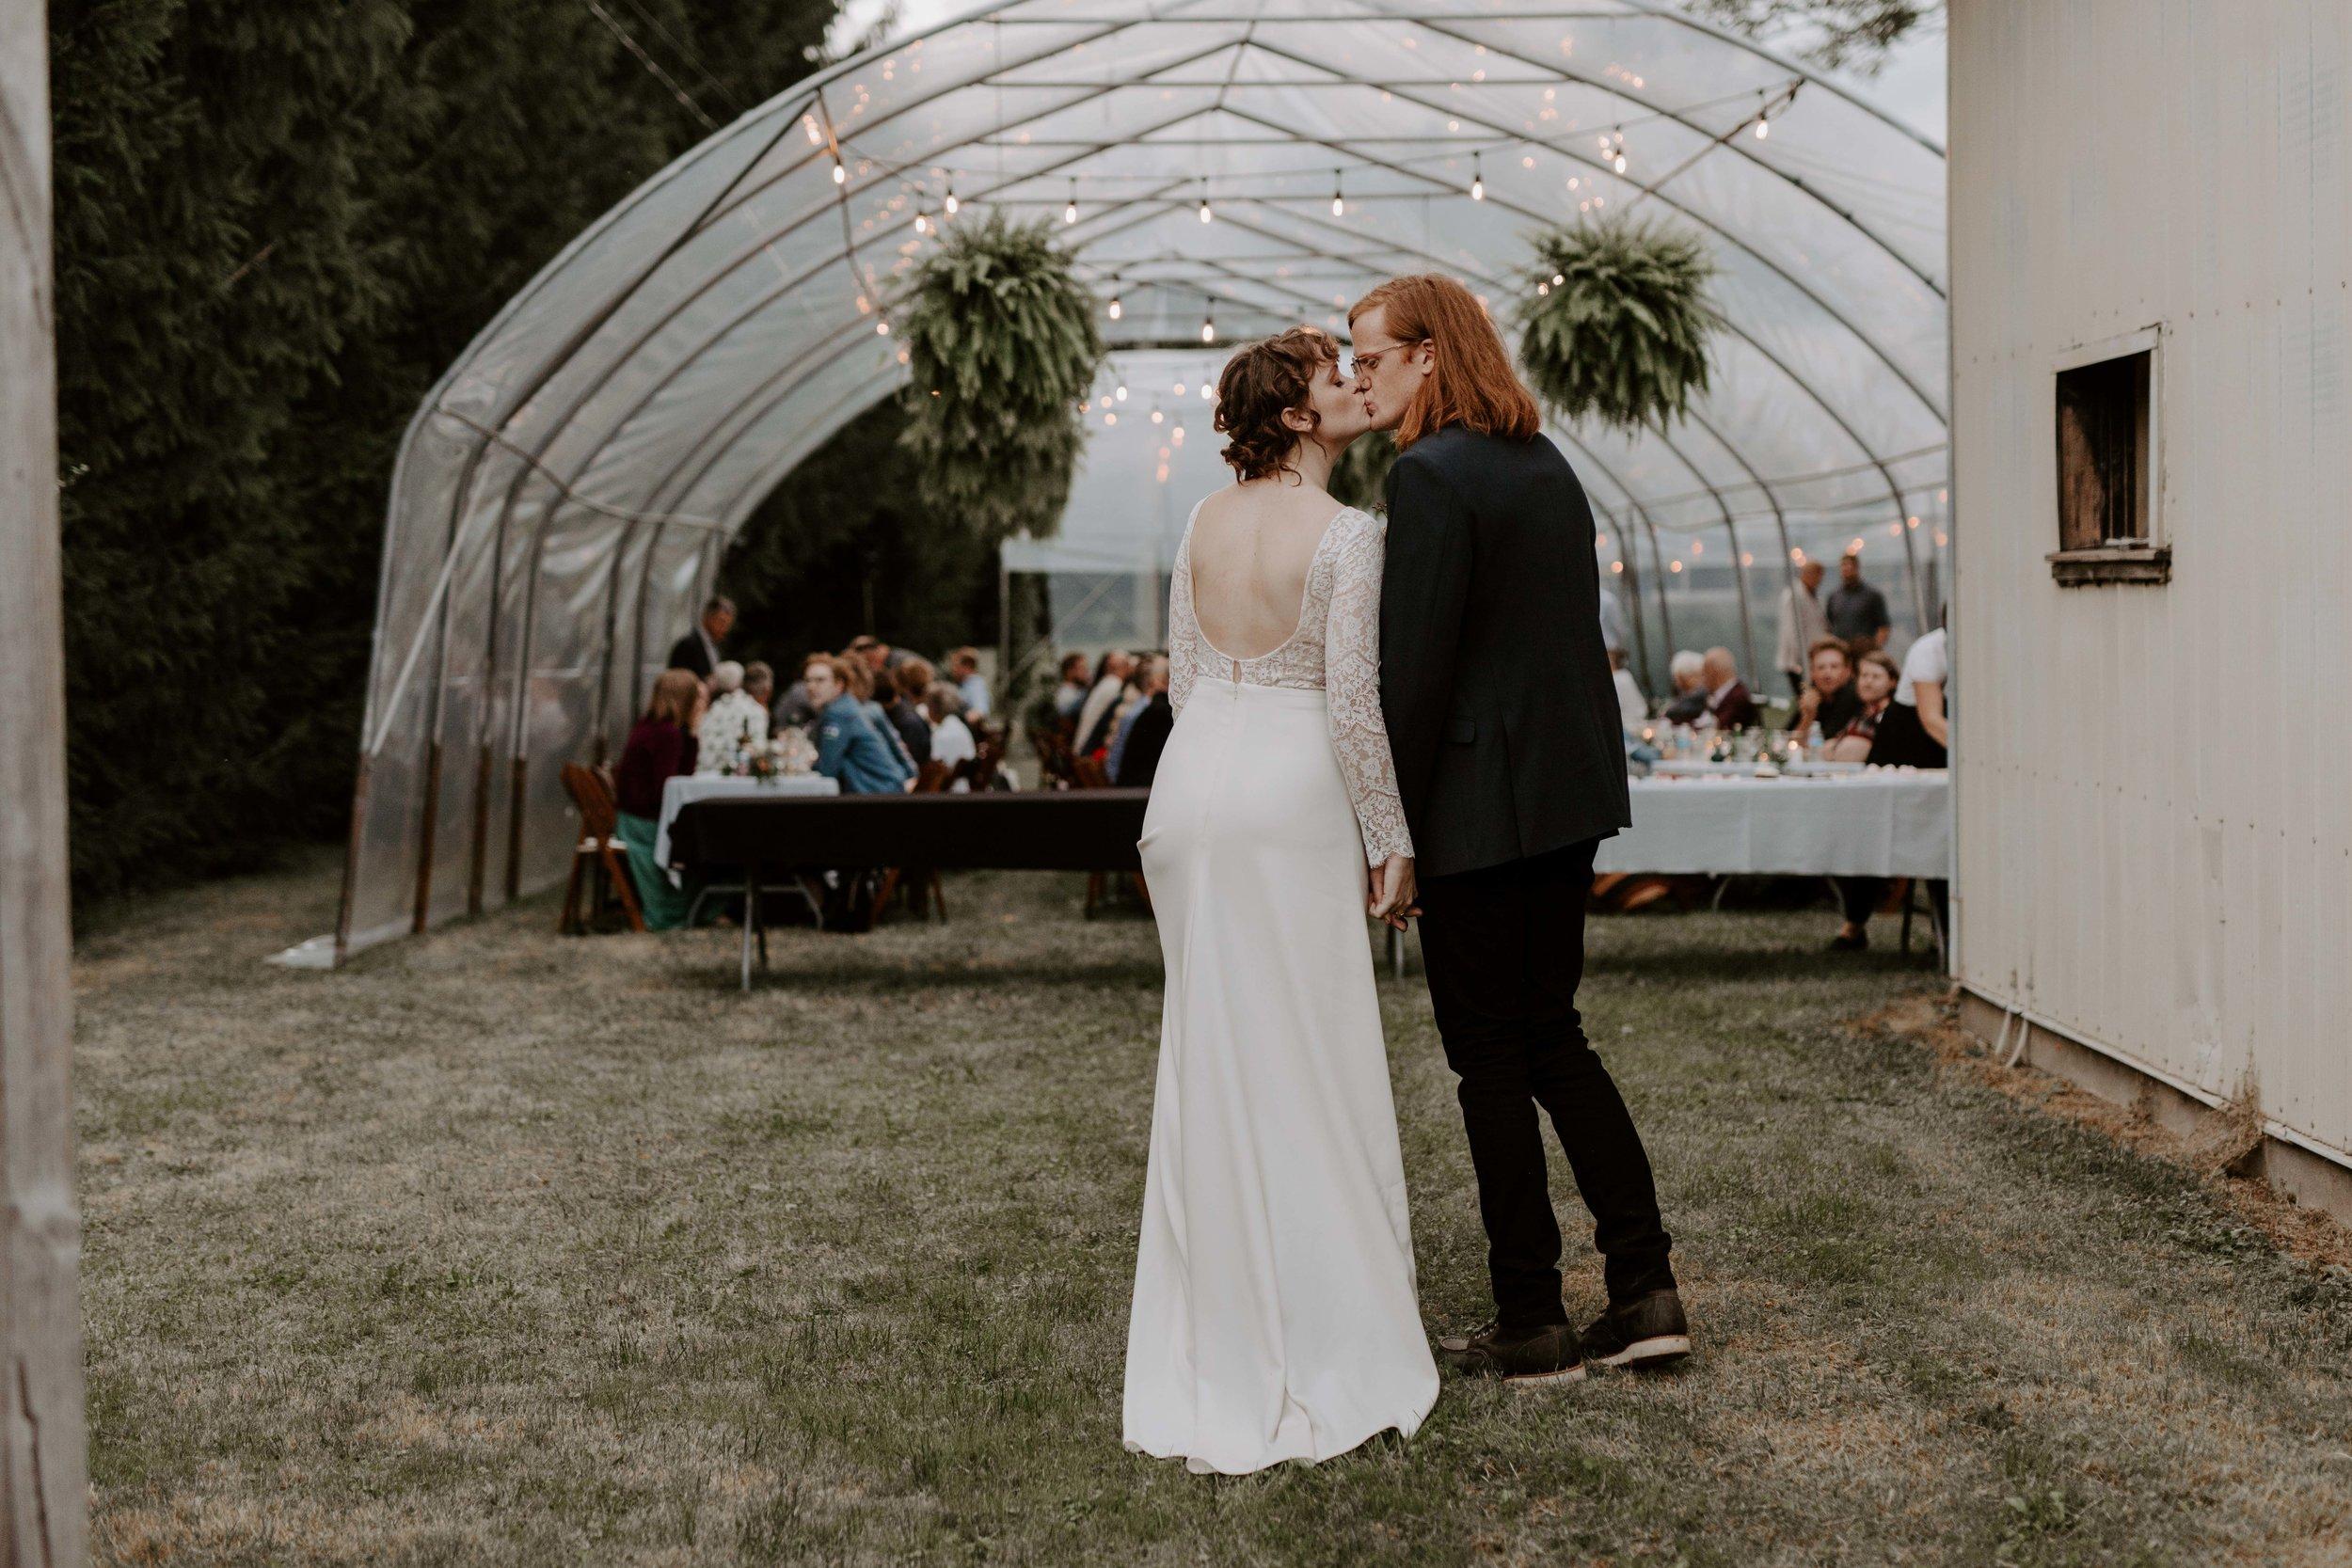 Intimate Backyard Wedding GTA Wedding Photographer